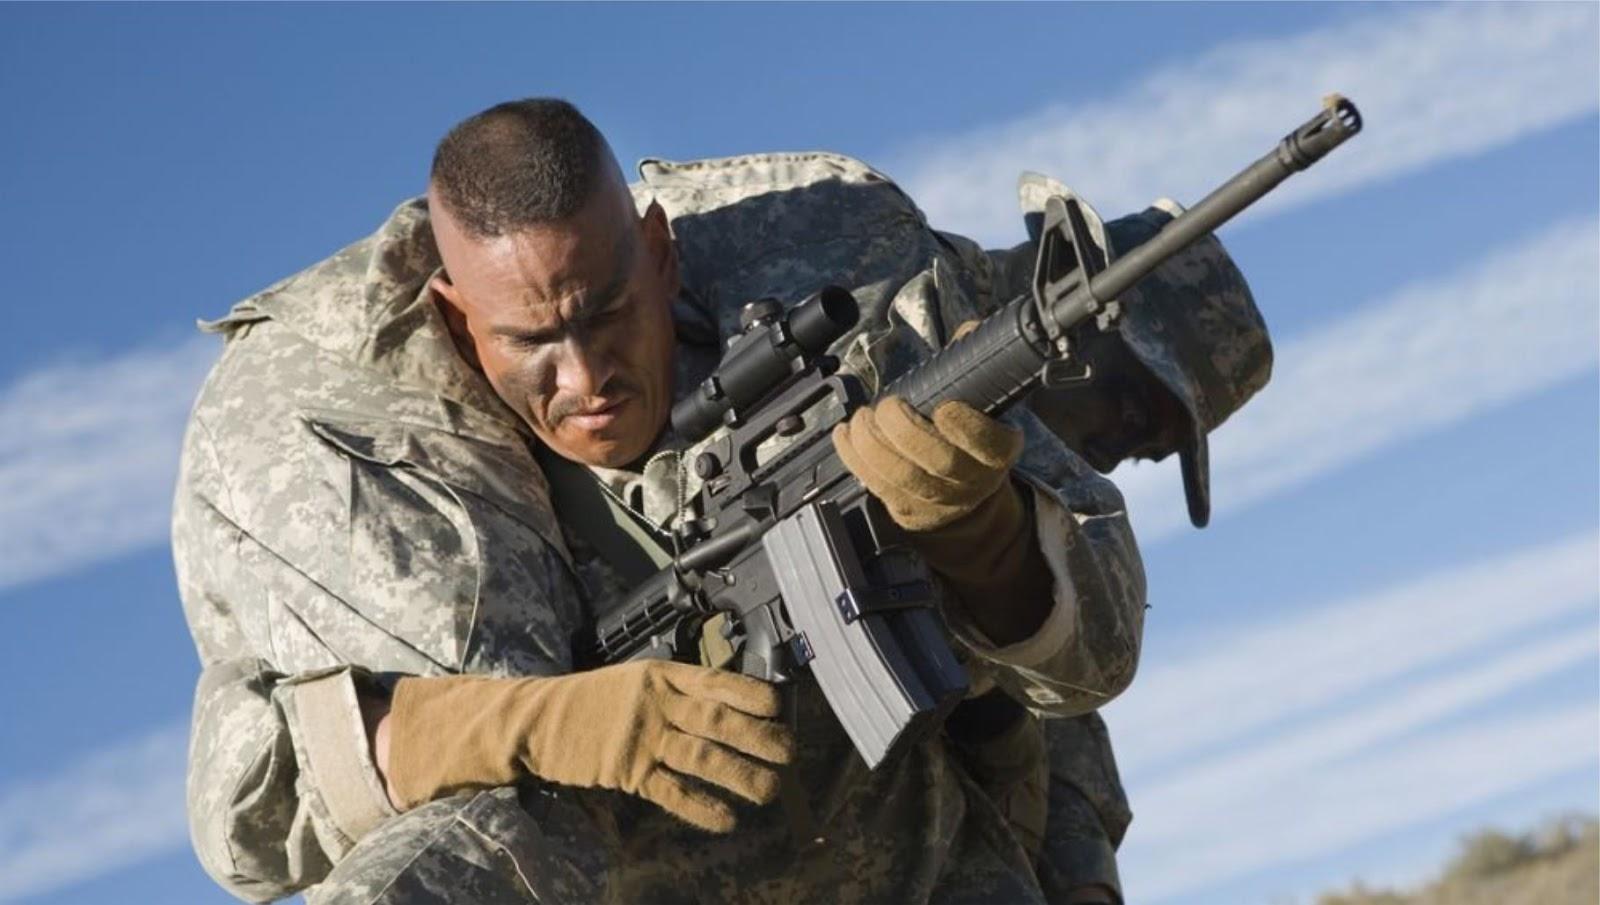 Amerika Serikat menghitung kerugian di Irak dan Afghanistan